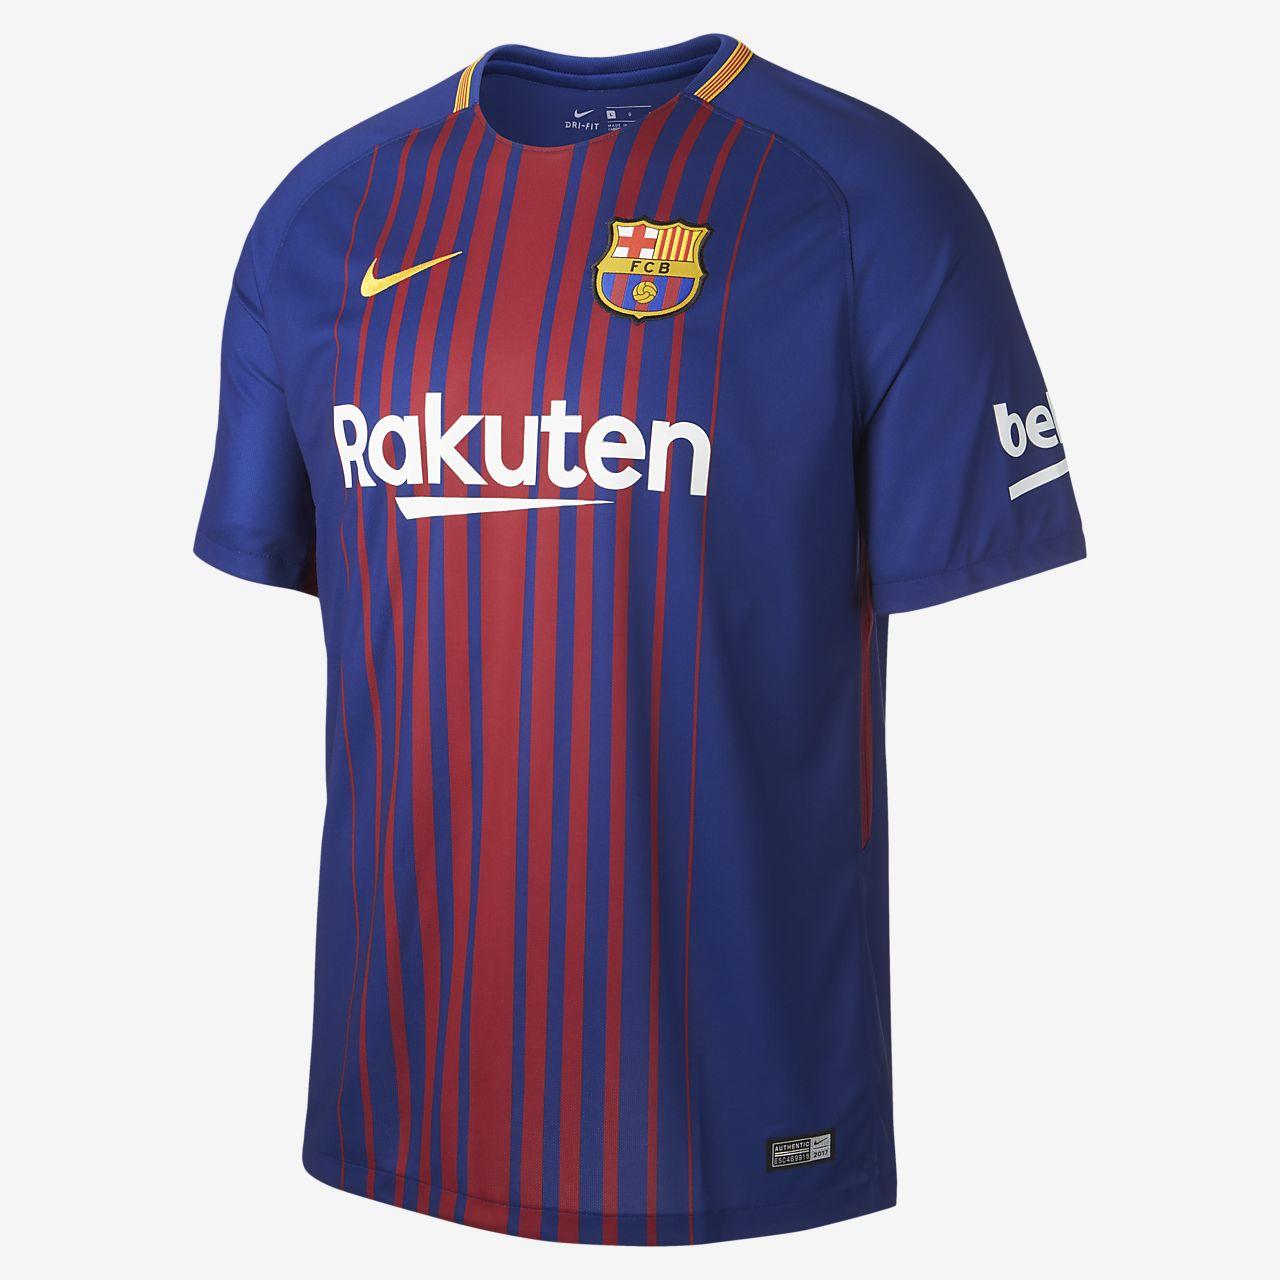 aa00d234e2e27 ... Camiseta de fútbol para hombre de local Stadium del FC Barcelona 2017 18